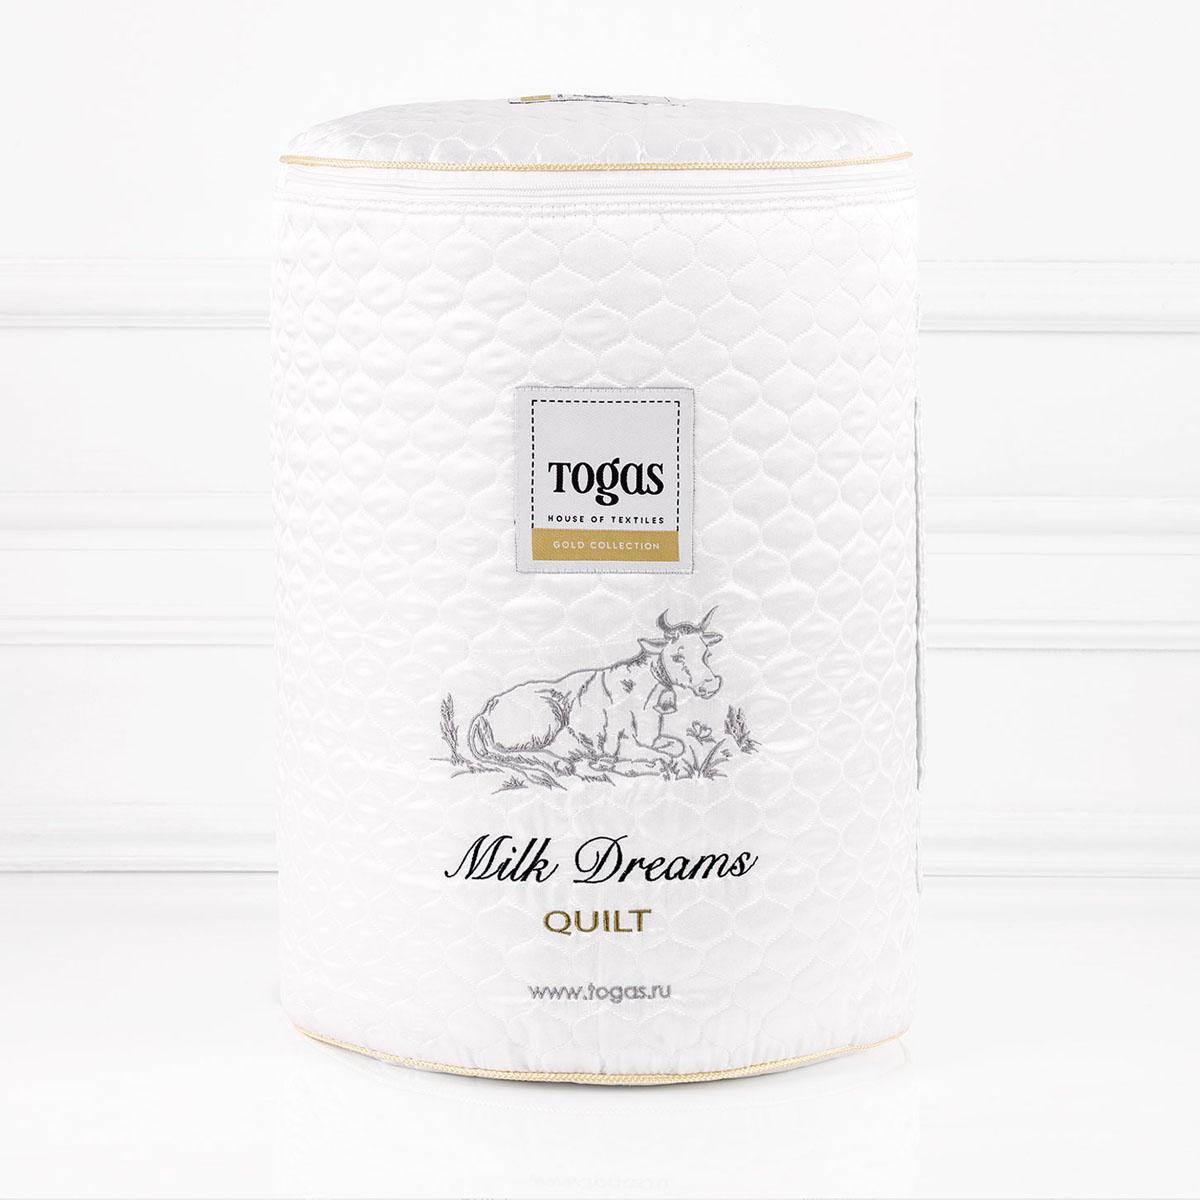 Милк Дримс одеяло 200х210 вес: 200гр/м220.04.16.0096Состав: чехол - 100% модал-жаккард; наполнитель - молочное волокно, саше: запах лаванды.Степень тепла: всесезонноеДетали: одеяло кассетное, классический крой, двойная отстрочка, окантовка фиолетовым шнуром, наполнитель - молочное волокно .Цвет: белый.Размер: 200x210. 1 предмет.Уход: Возможна сухая химическая чистка с использованием исключительно химических чистящих средств, содержащих углеводород, бензин, хлорный этилен или монофтортрихлорметан, либо щадящая стирка при температуре 40 °С. После стирки одеяло необходимо расположить на ровной горизонтальной поверхности и оставить до полного высыхания. Одеяло МИЛК ДРИМС. Молочные или белковые волокна - это текстильный наполнитель, который производят путем полимеризации белков казеина , входящих в состав молока. Они характеризуются своей мягкостью, отличными теплоизоляционными свойствами, а по показателям гигроскопичности даже превосходит шерсть. Белковые волокна считаются экологически чистыми и полезными для здоровья. Содержат естественный увлажнитель, который смягчает кожу, и незаменимые аминокислоты , продлевающие молодость, обладают гипсаллергенными свойствами, а также прекрасно впитывают влагу и оказывают антибактериальное воздействие. Чехол данного изделия сделан из модала- ткани , производимой из натуральной древесной целлюлозы Саше с ароматом лаванды , прикрепленное по Вашему желанию внутри подушки или одеяла , поможет Вам расслабиться после дневных забот, напоминая о душистых полях, согретых летним солнцем. Наполнитель: молочное волокно, Чехол: 100% модал-жаккард, саше: запах лаванды1 одеяло 200х210Вид принта: однотонный